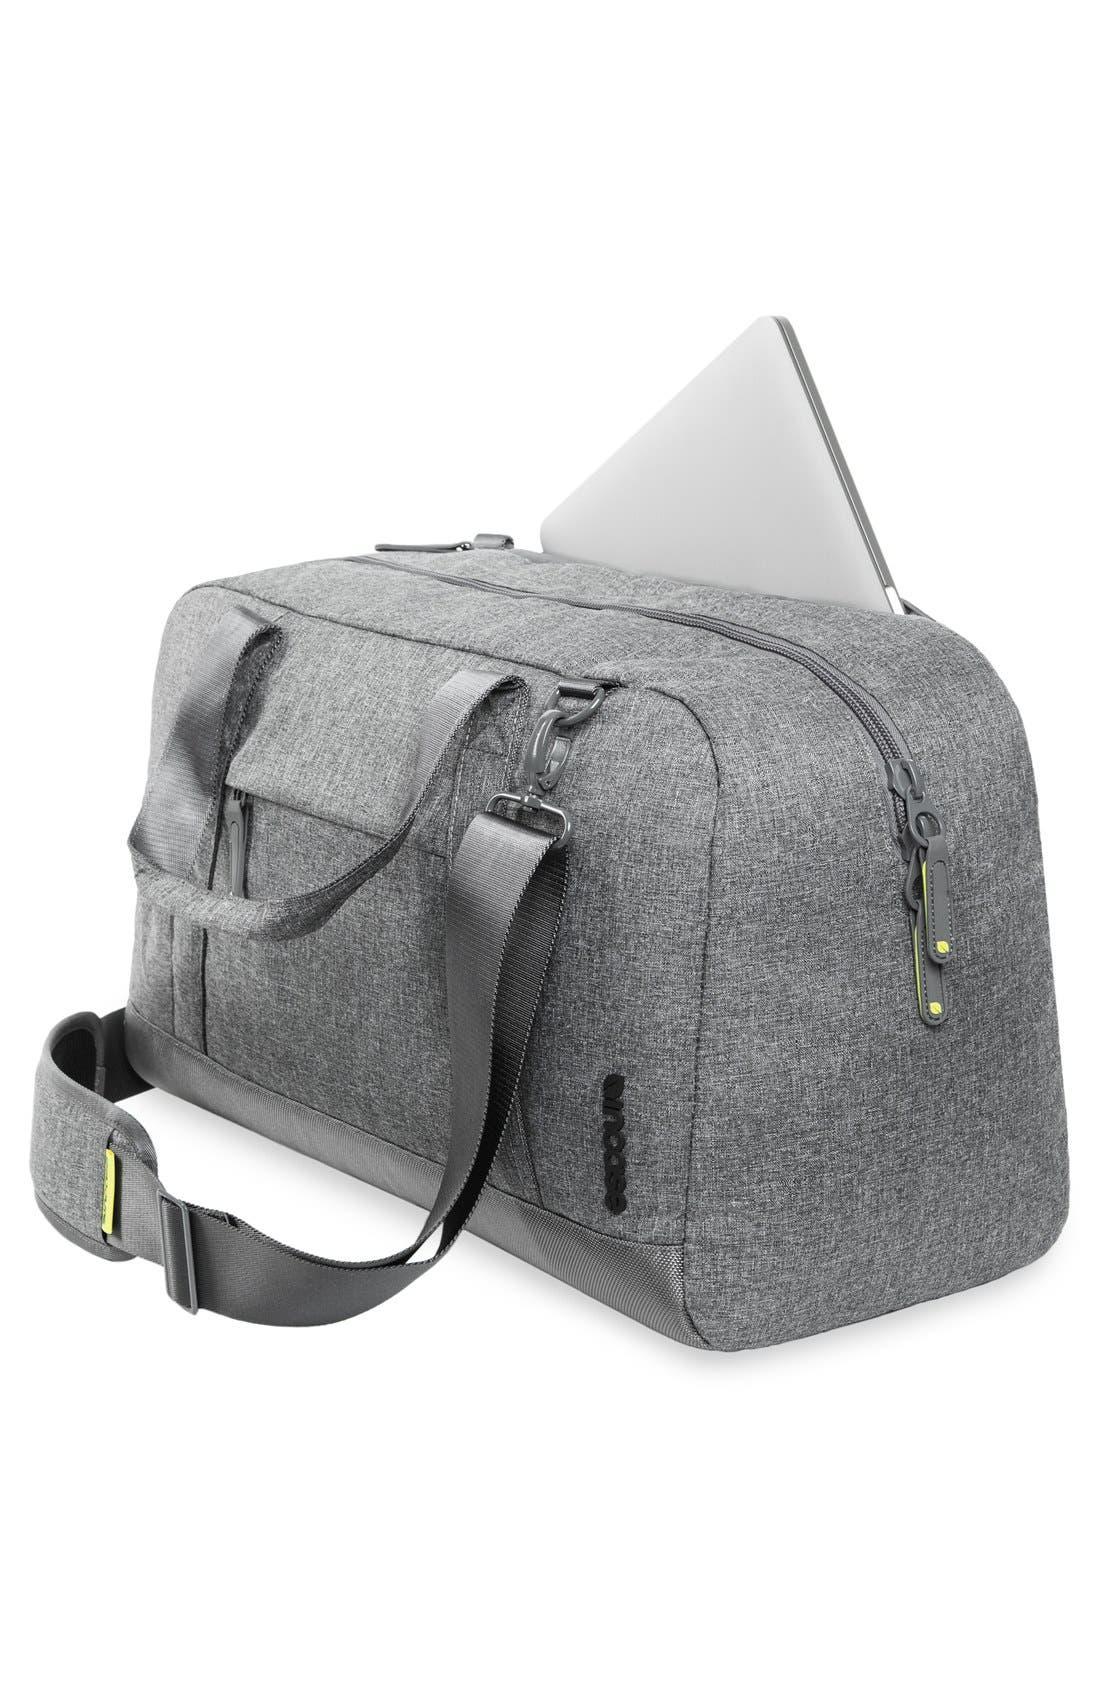 EO Duffel Bag,                             Alternate thumbnail 12, color,